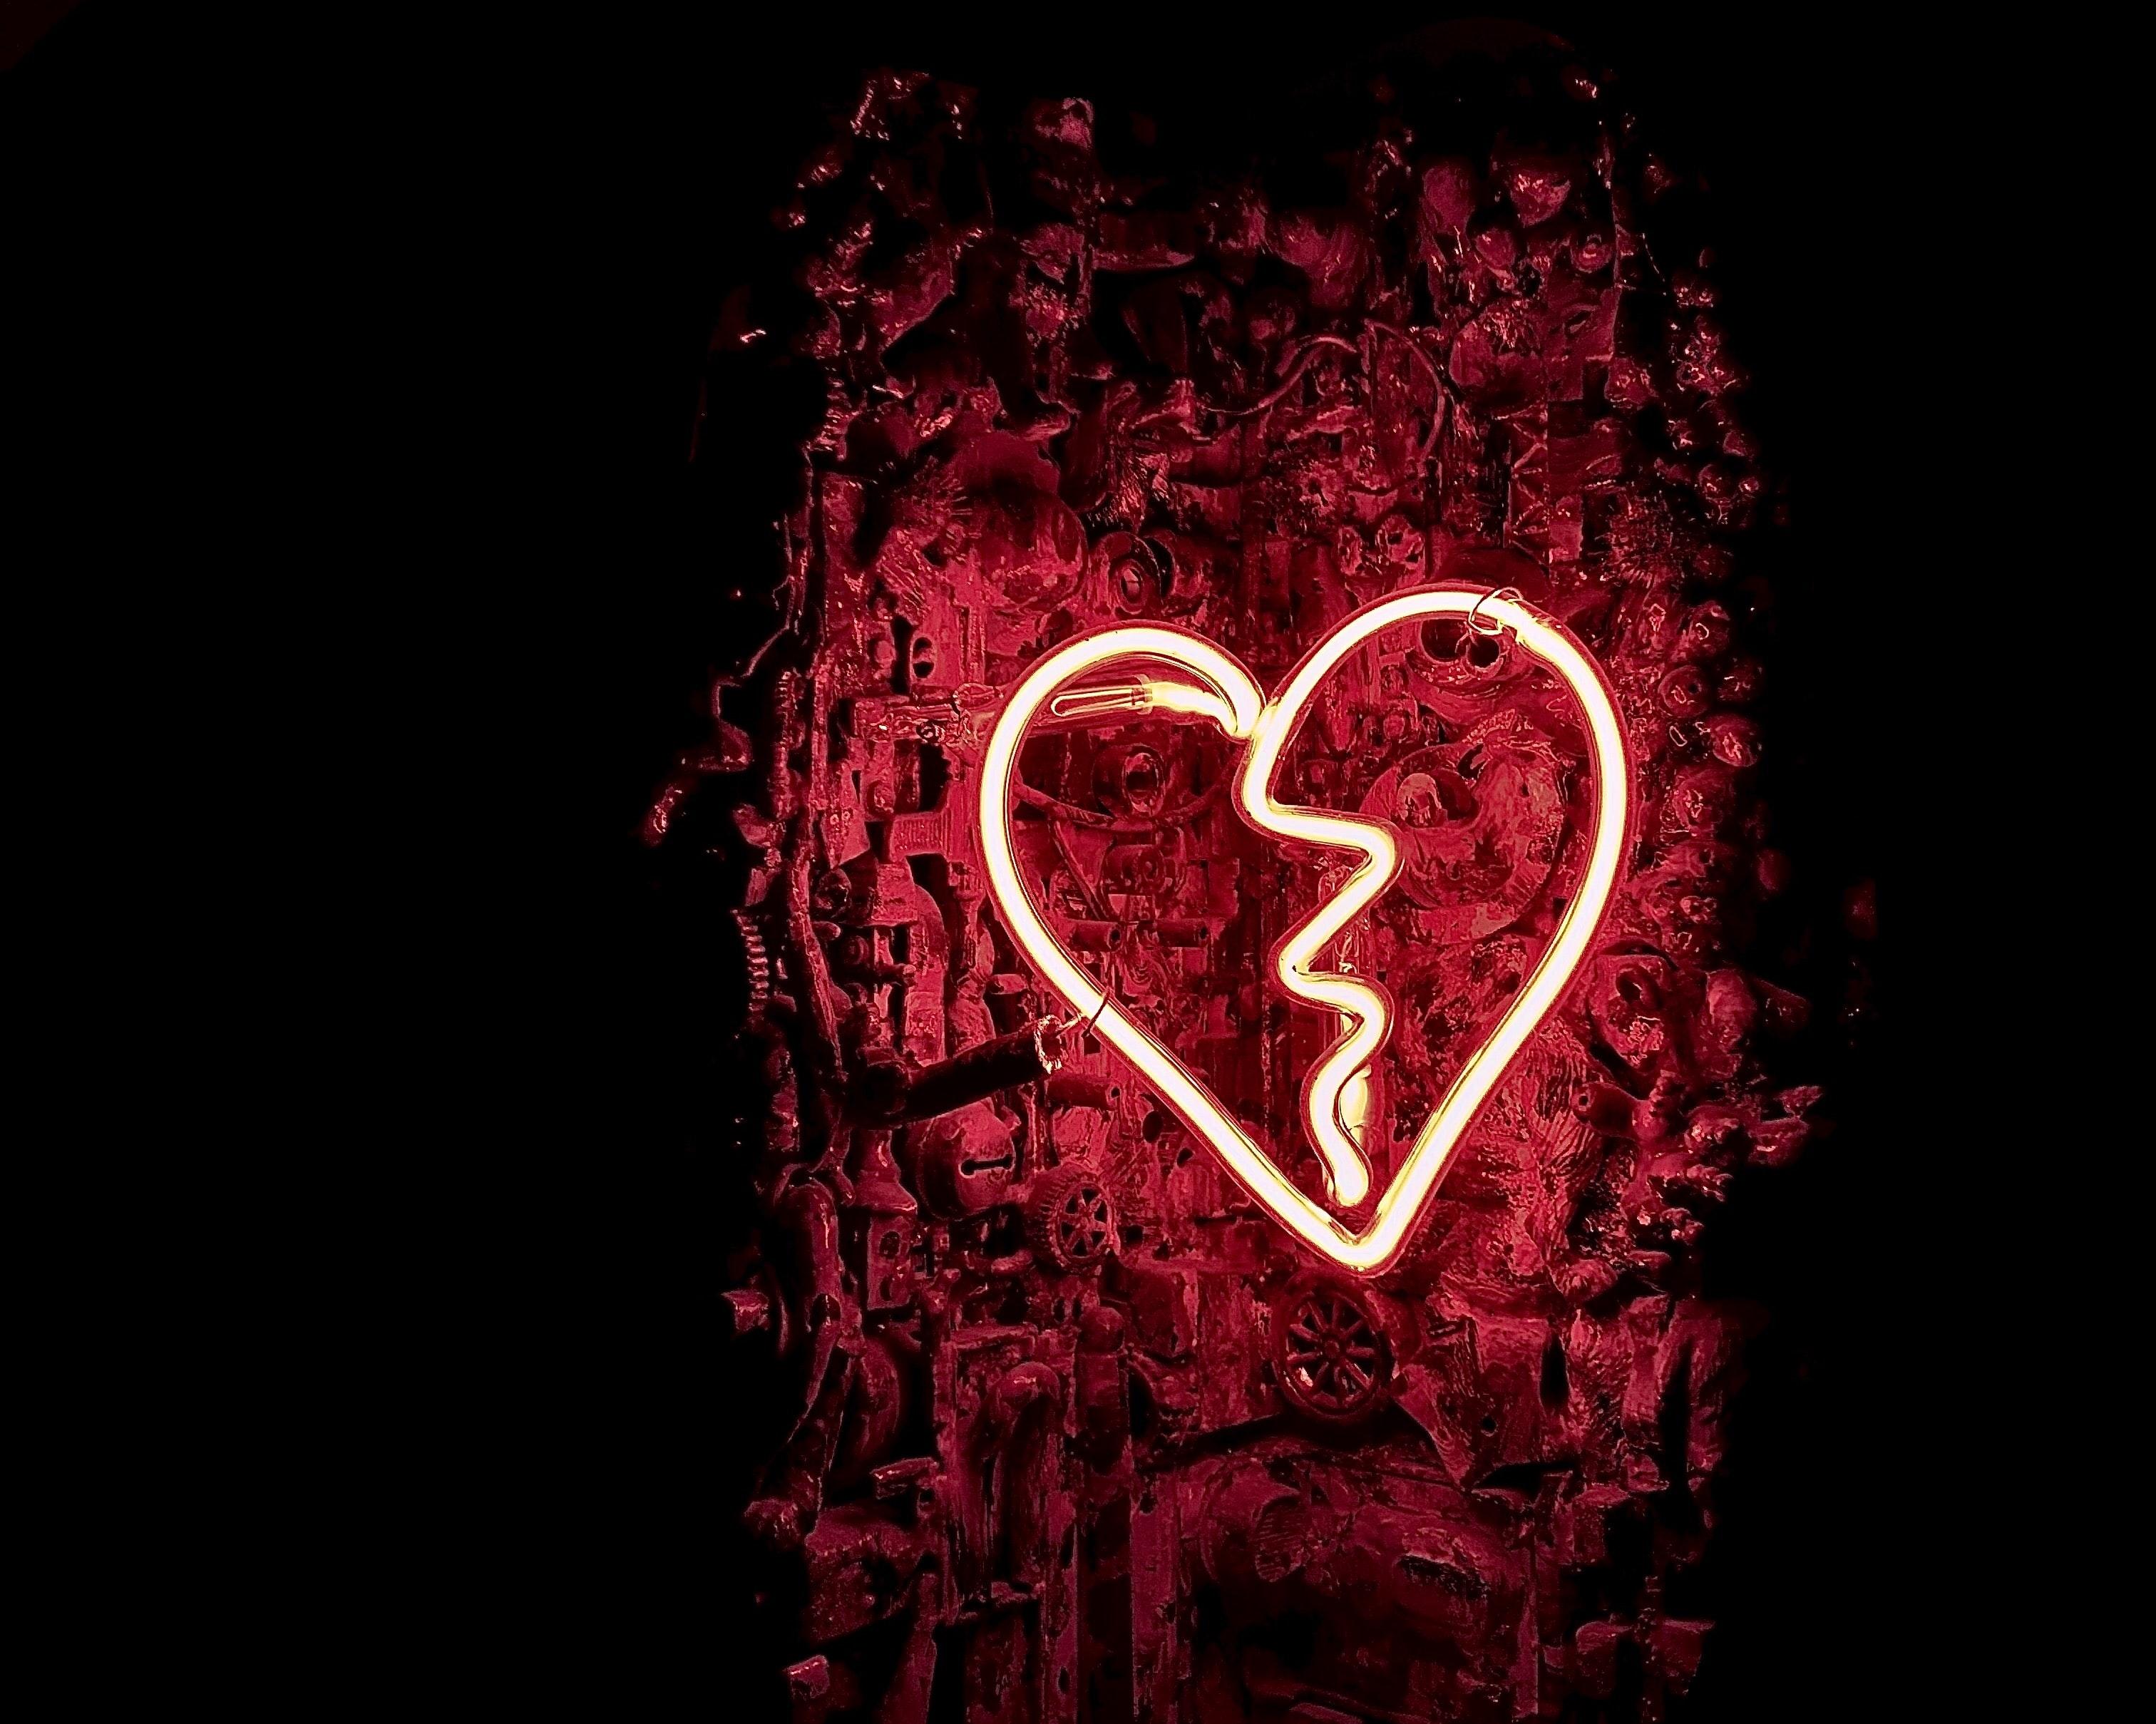 broken-heart-get-over-your-ex